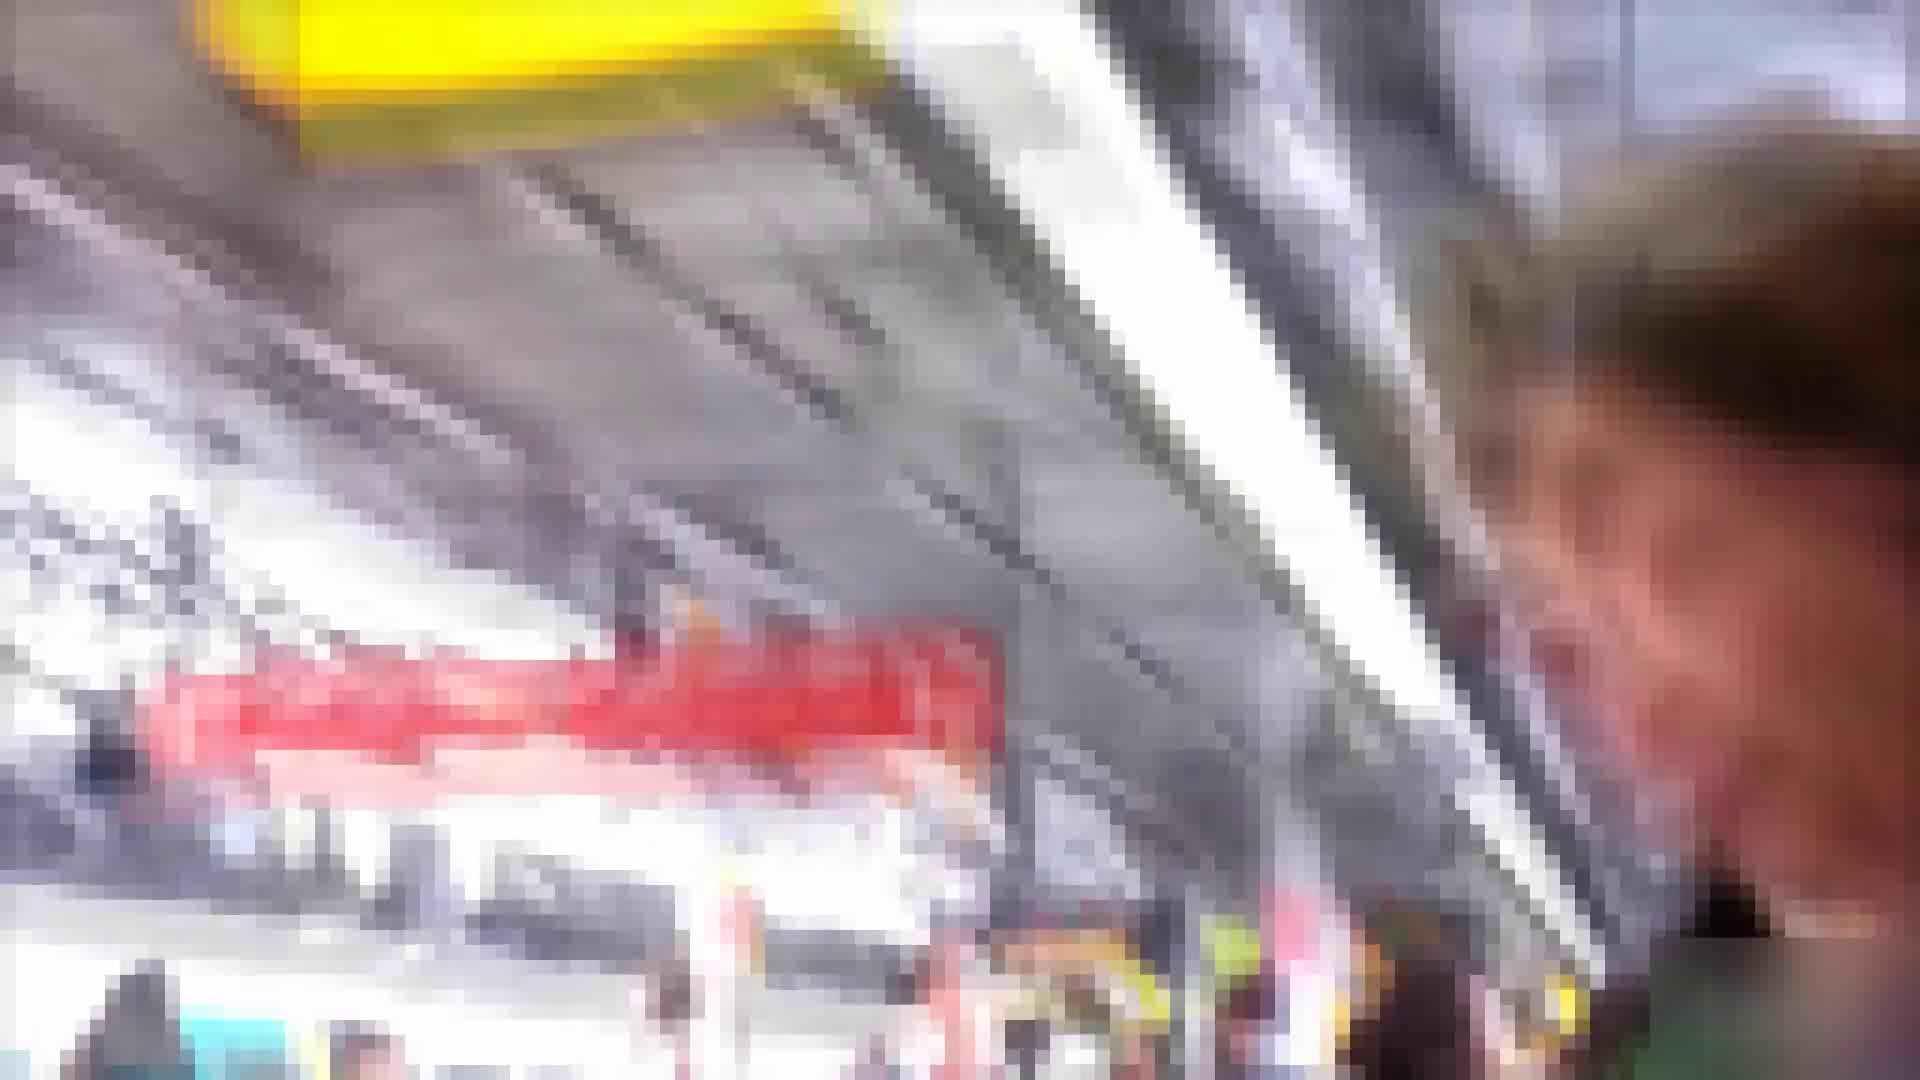 ガールズパンチラストリートビューVol.018 ギャルの実態 盗撮オマンコ無修正動画無料 91pic 55